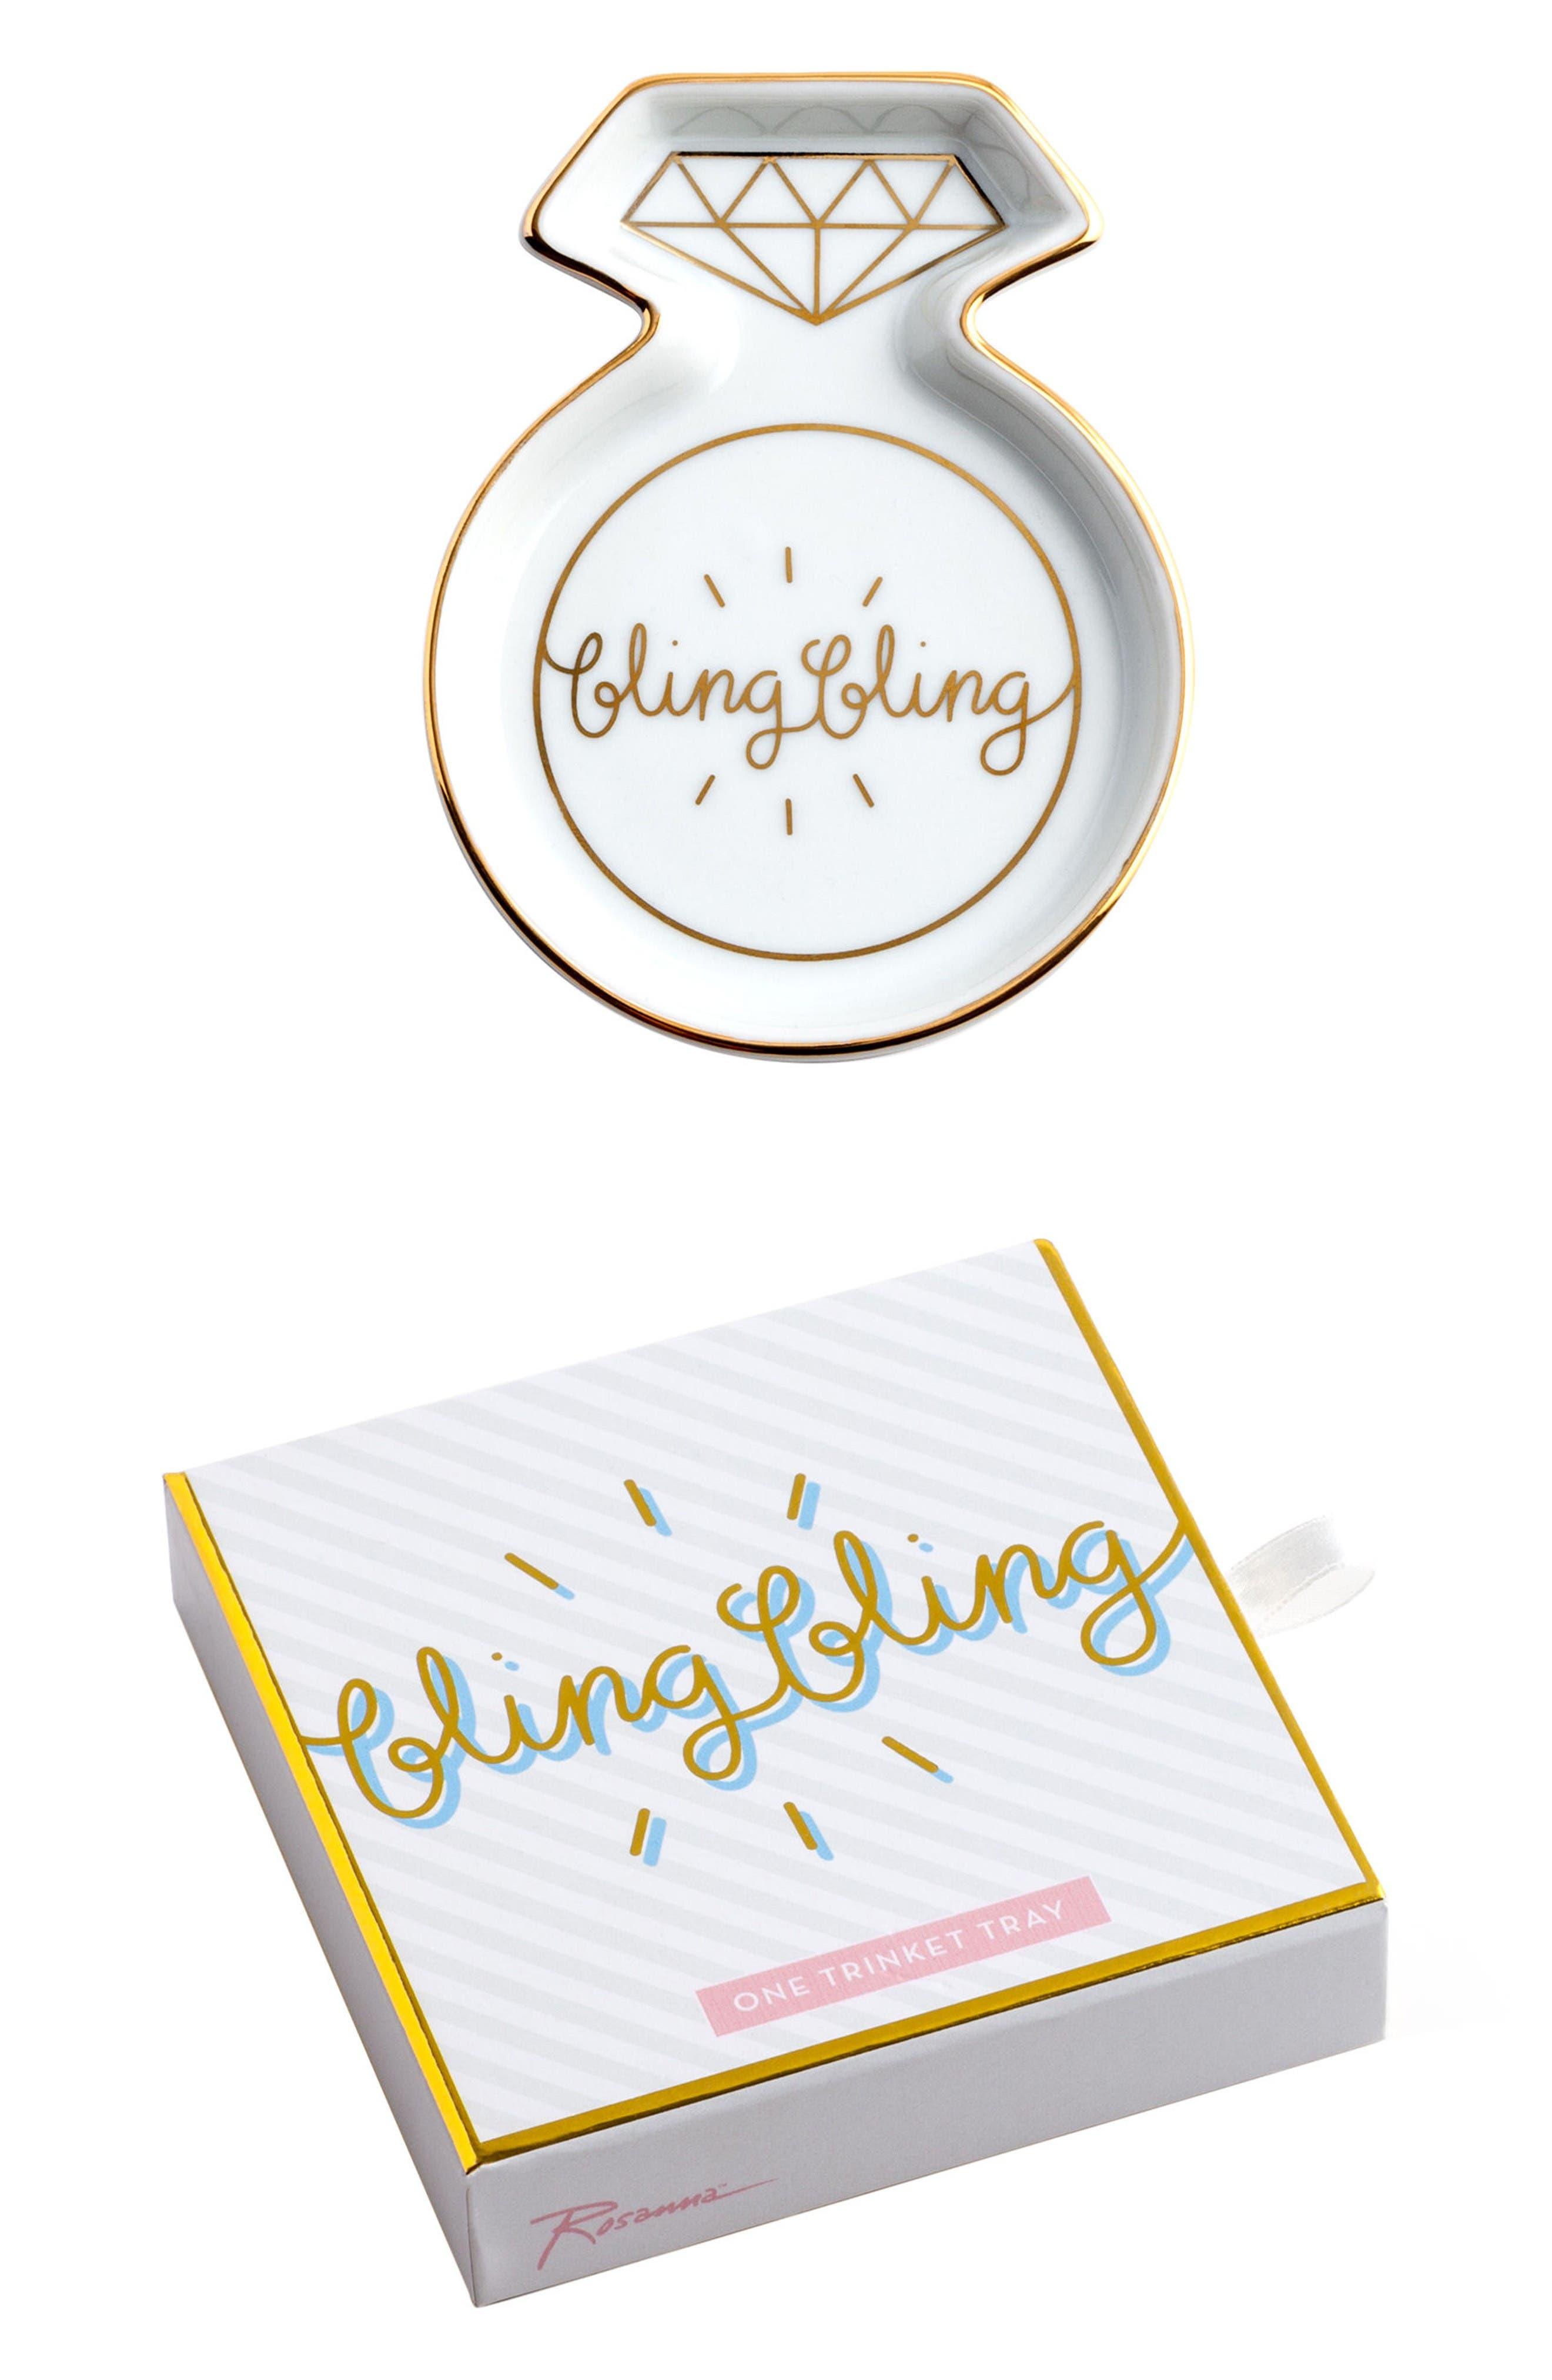 Rosanna Bling Bling Porcelain Trinket Tray